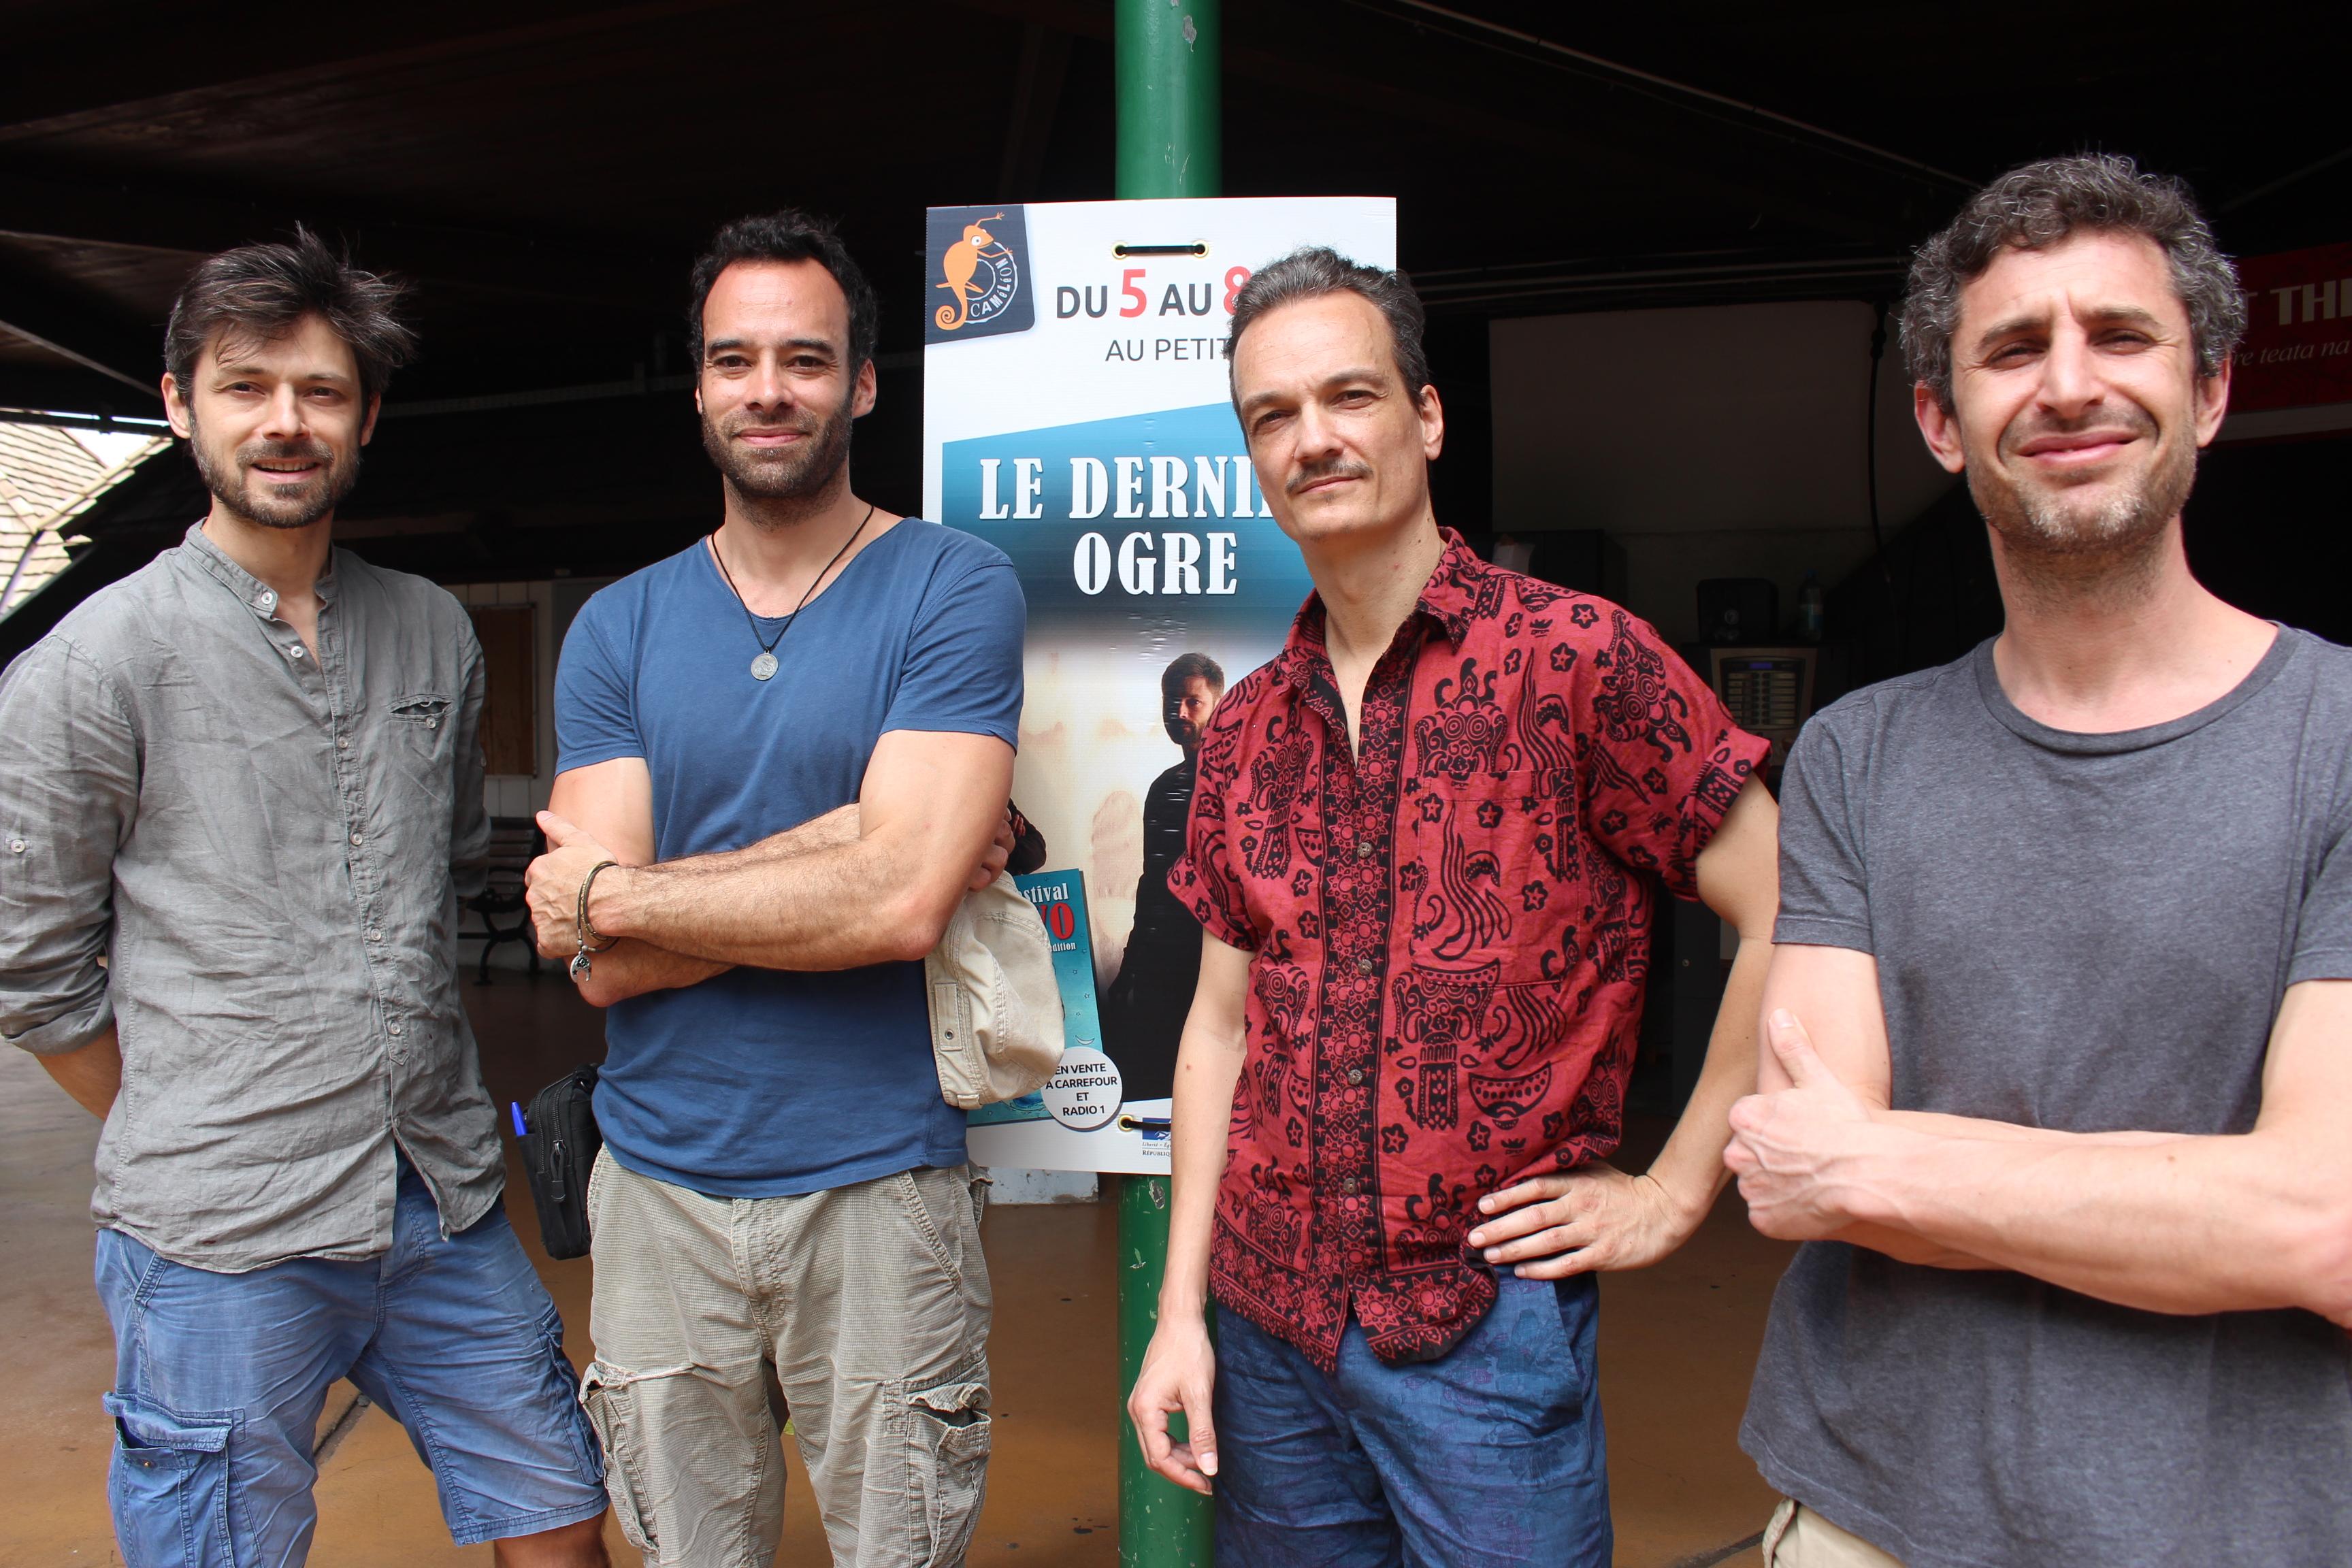 De gauche à droite : Samuel Poncet, Marien Tillet, Mathias Castagné et Pierre-Alain Vernette, le régisseur.